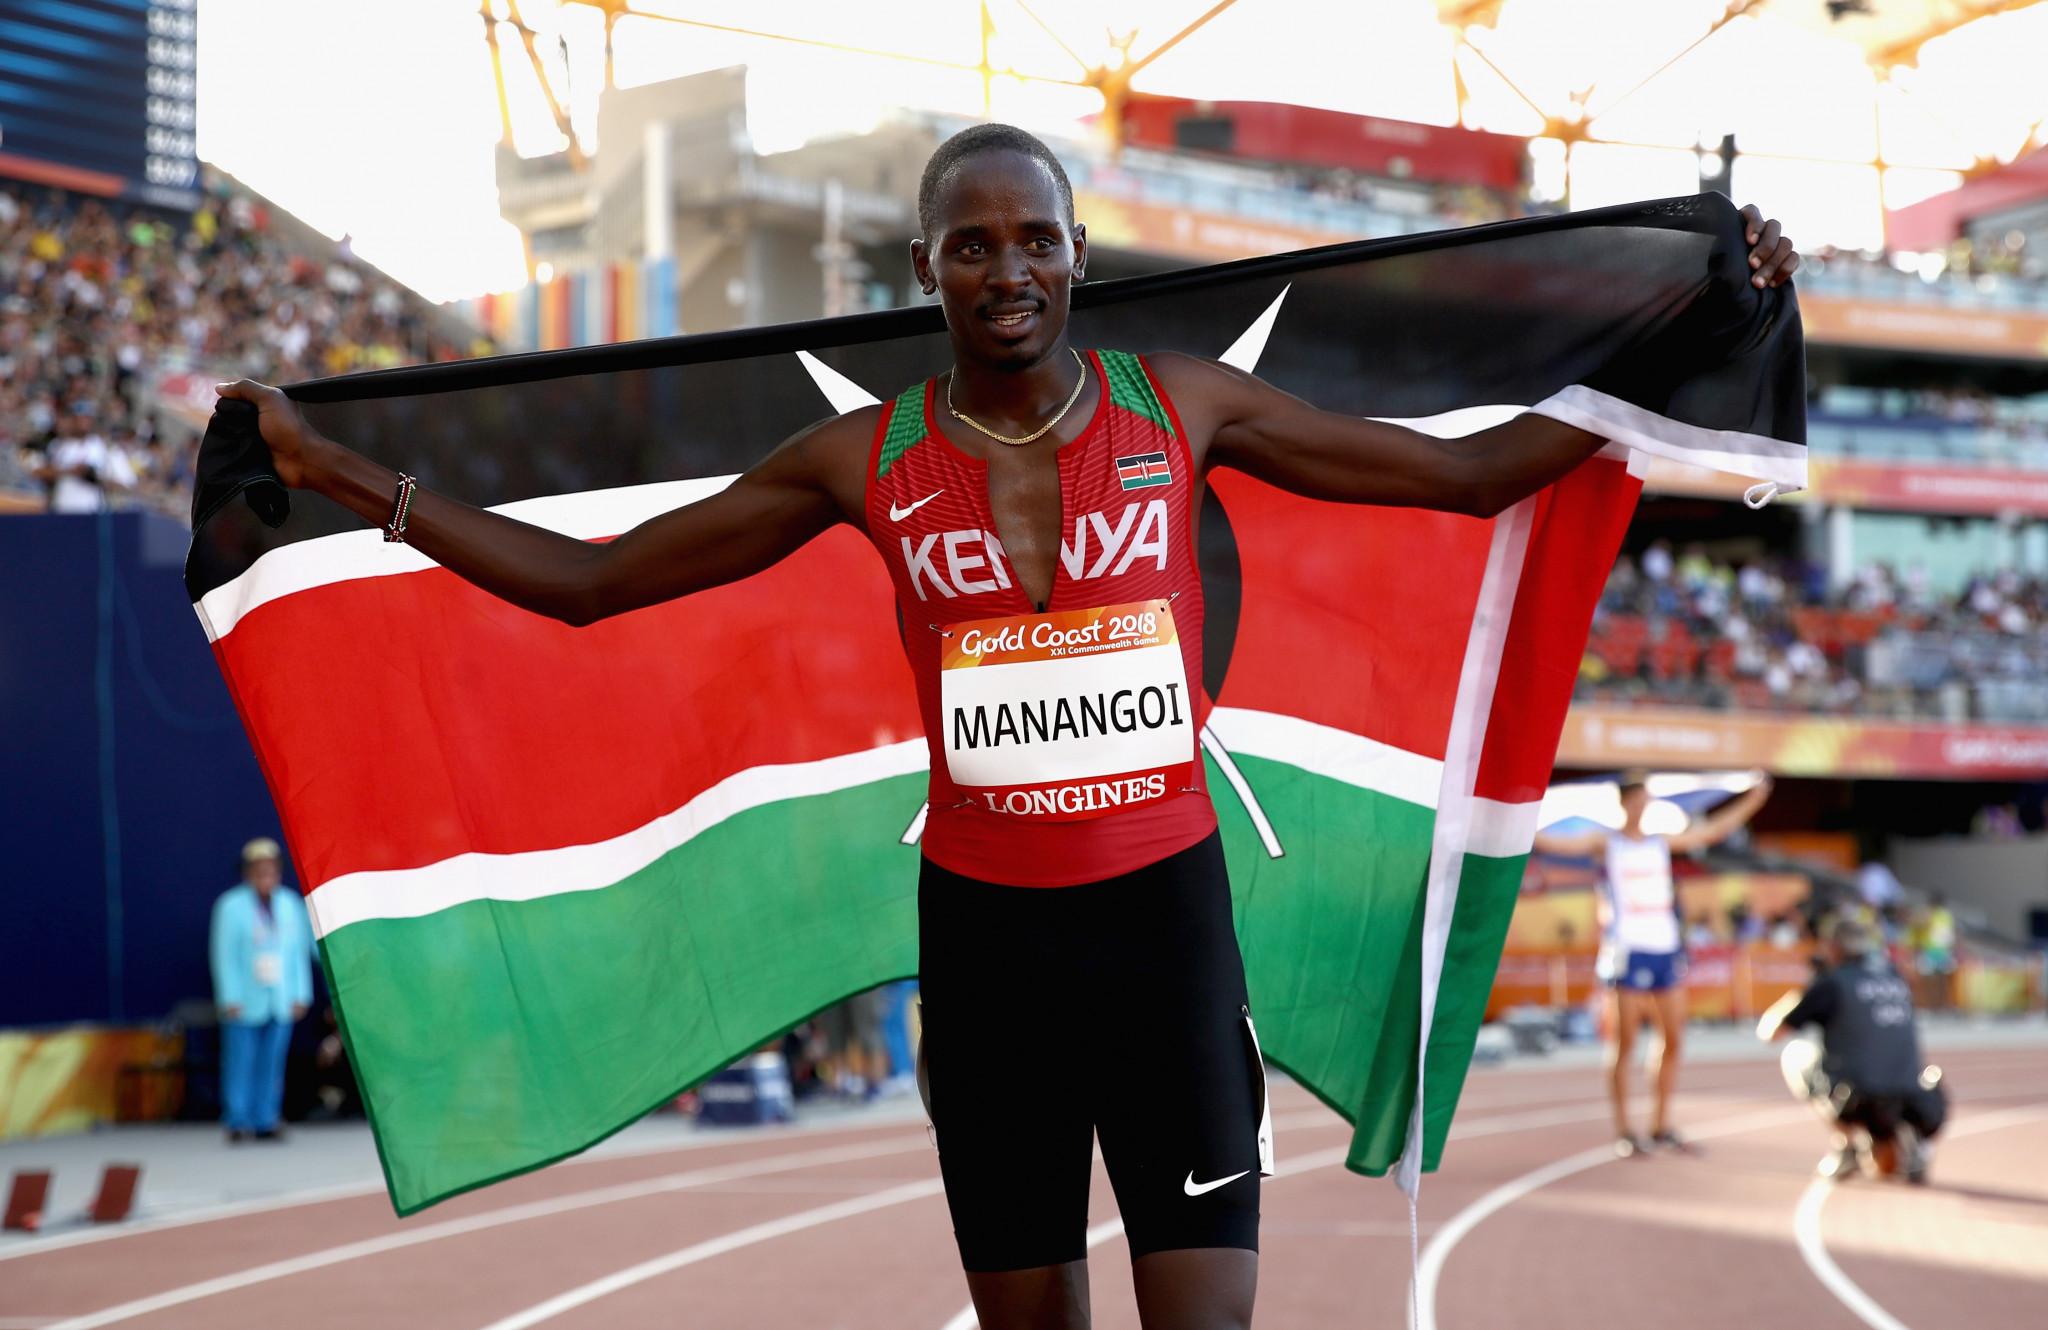 AIU announces sanctions against four Kenyans including ex-1,500m world champion Manangoi